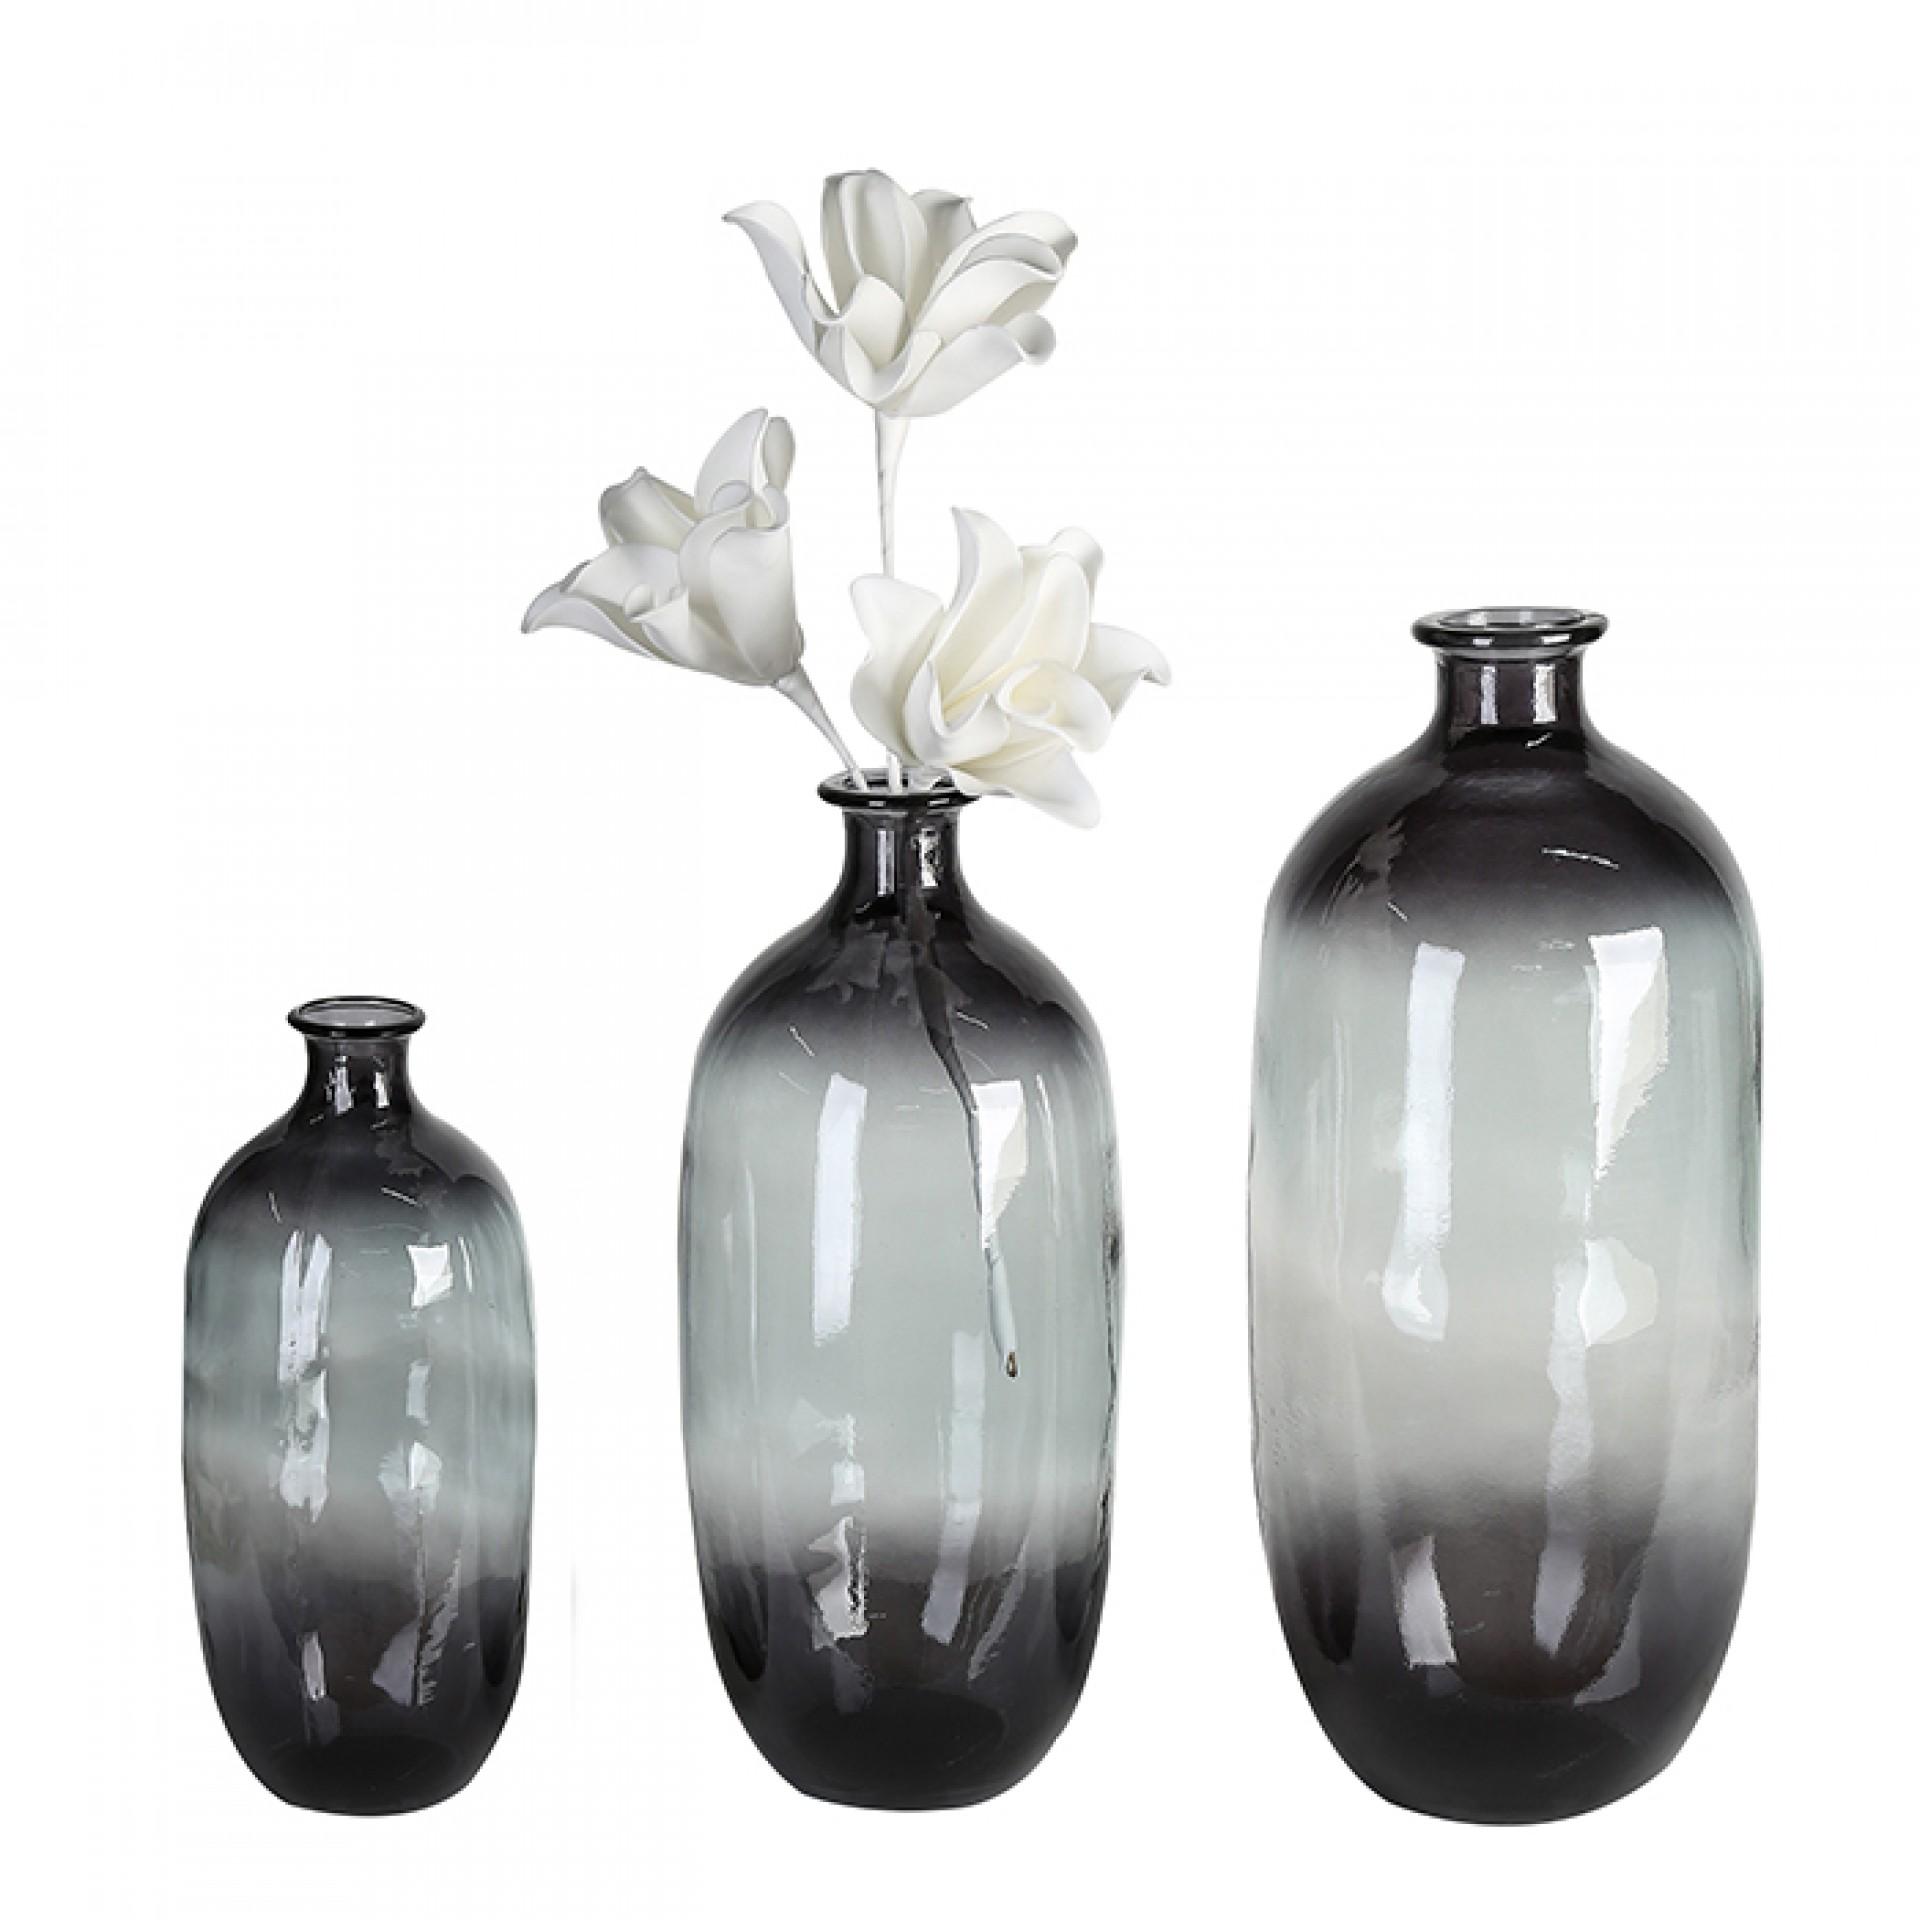 Váza z recyklovaného skla Laica, 31 cm, šedá